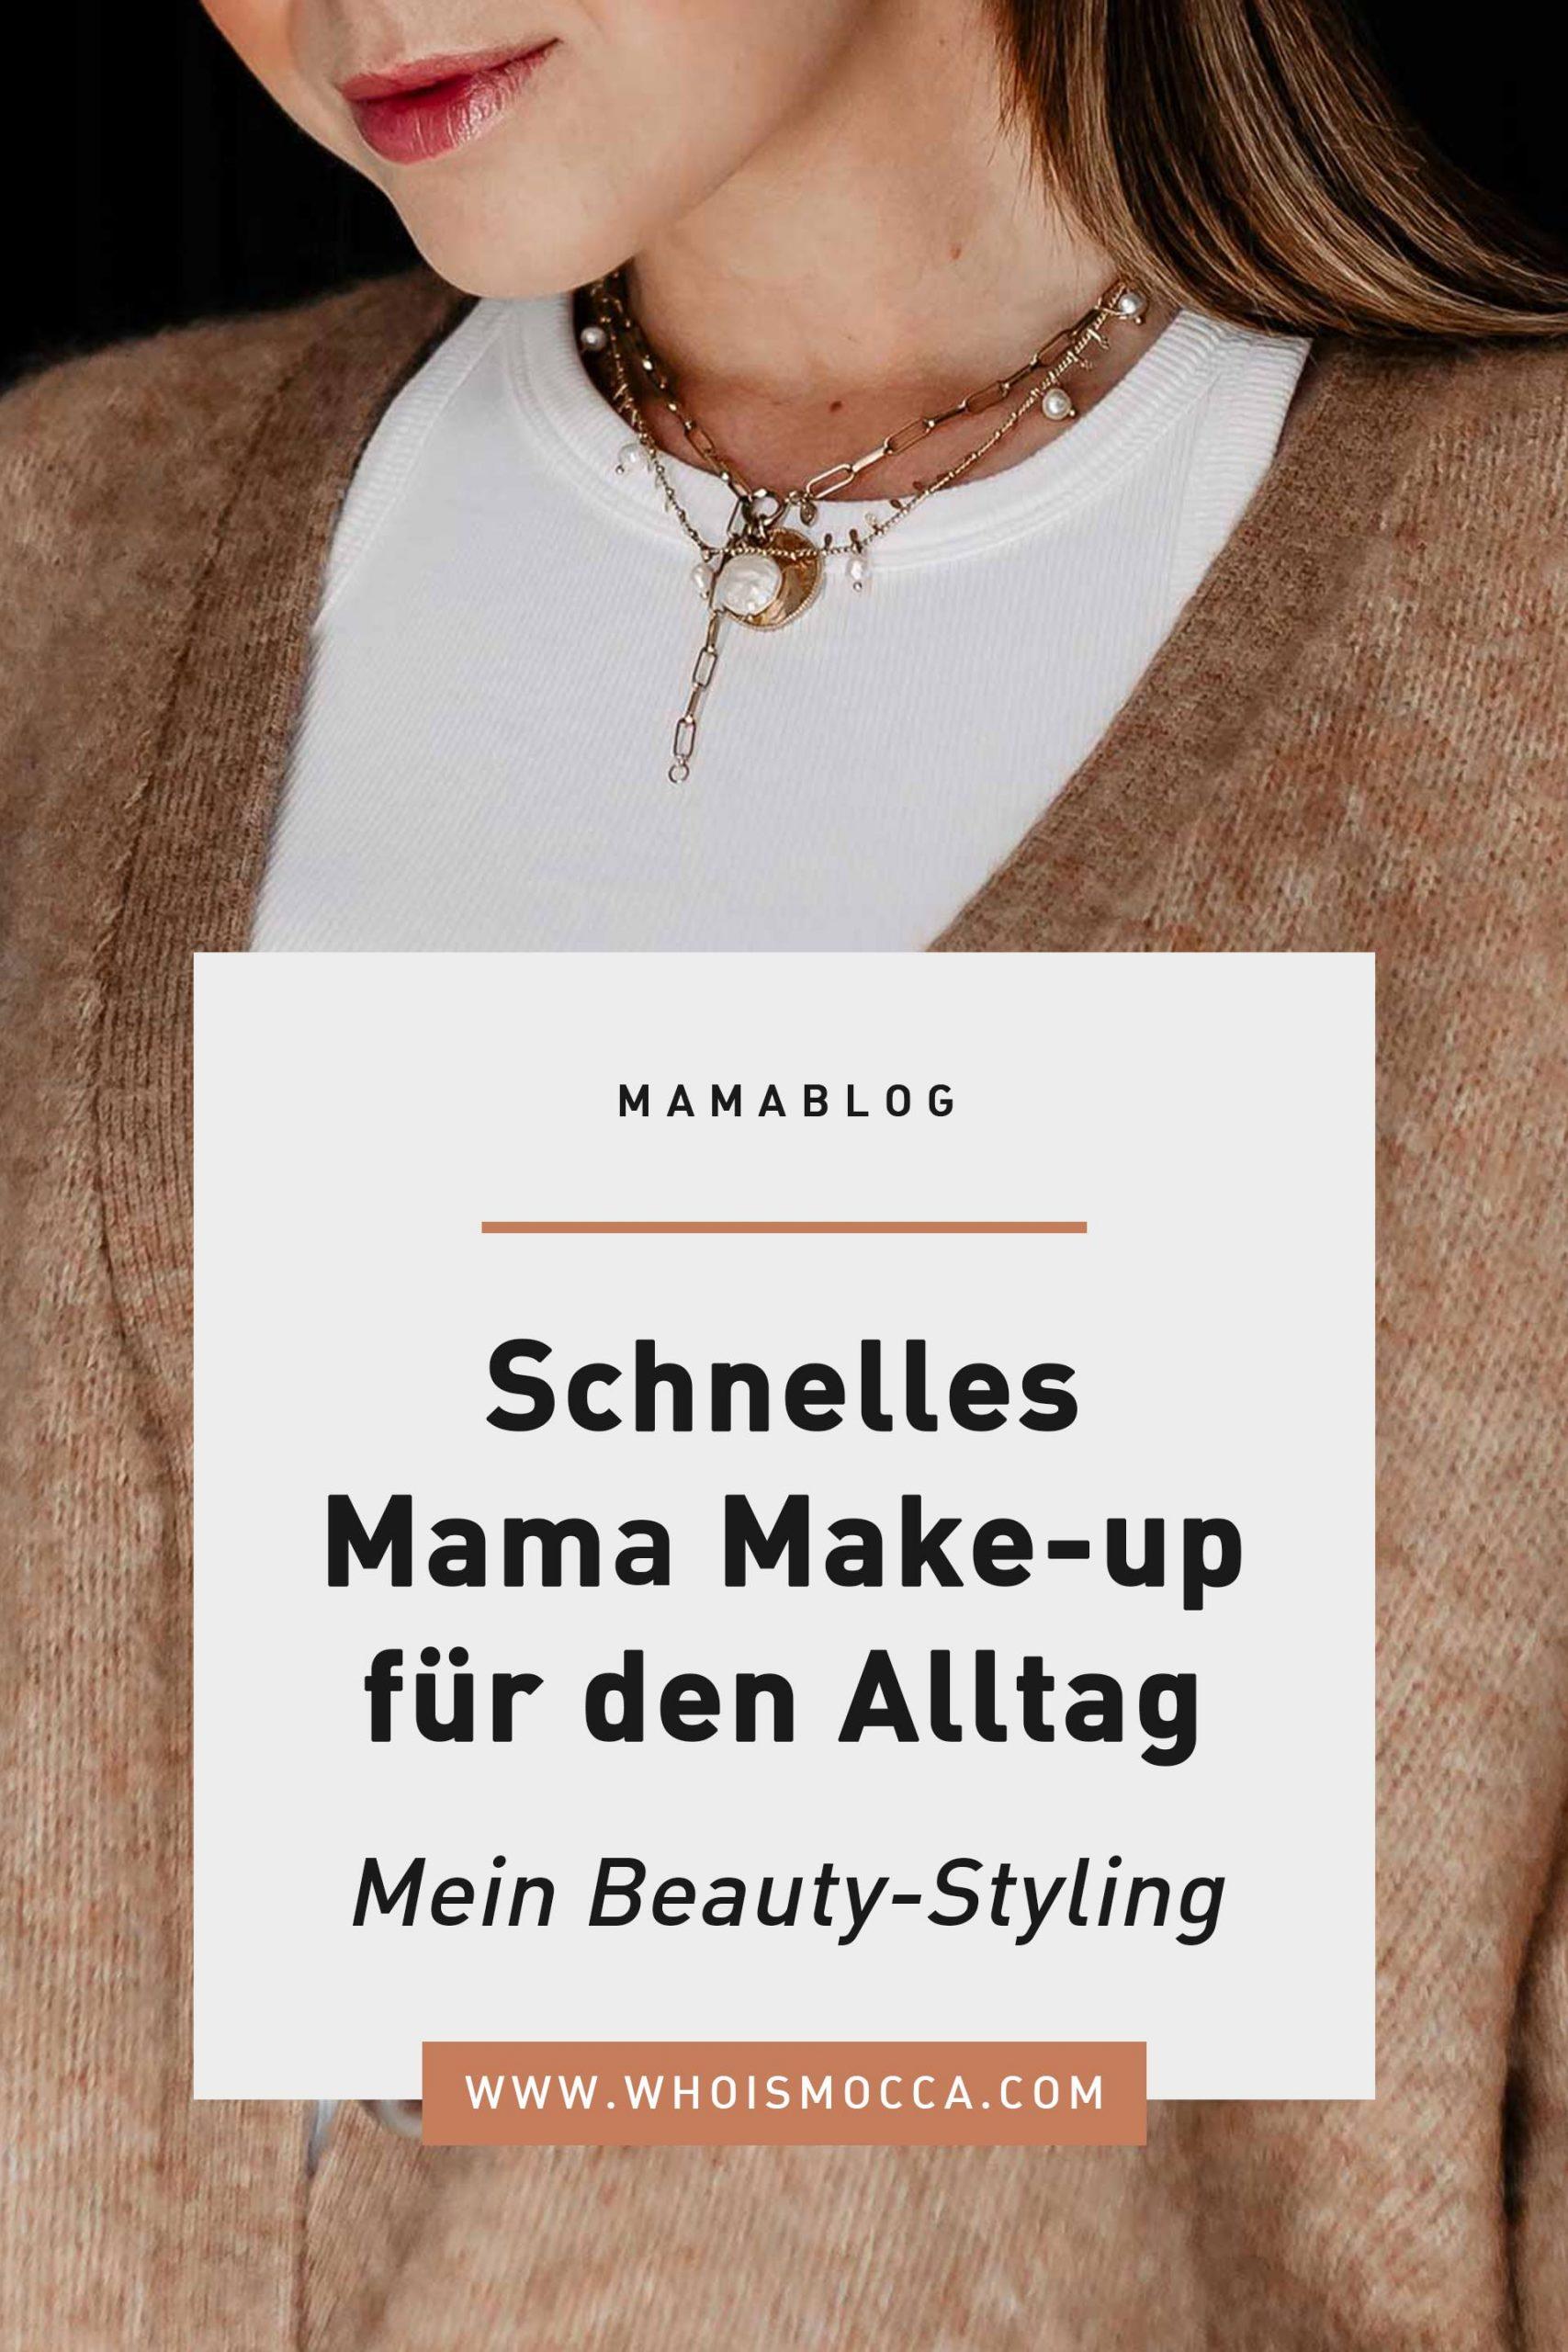 Anzeige. Am Beautyblog zeige ich dir heute mein schnelles Mama Make-up für den Alltag. Das klappt am besten mit tollen Produkten und einer guten Routine. www.whoismocca.com